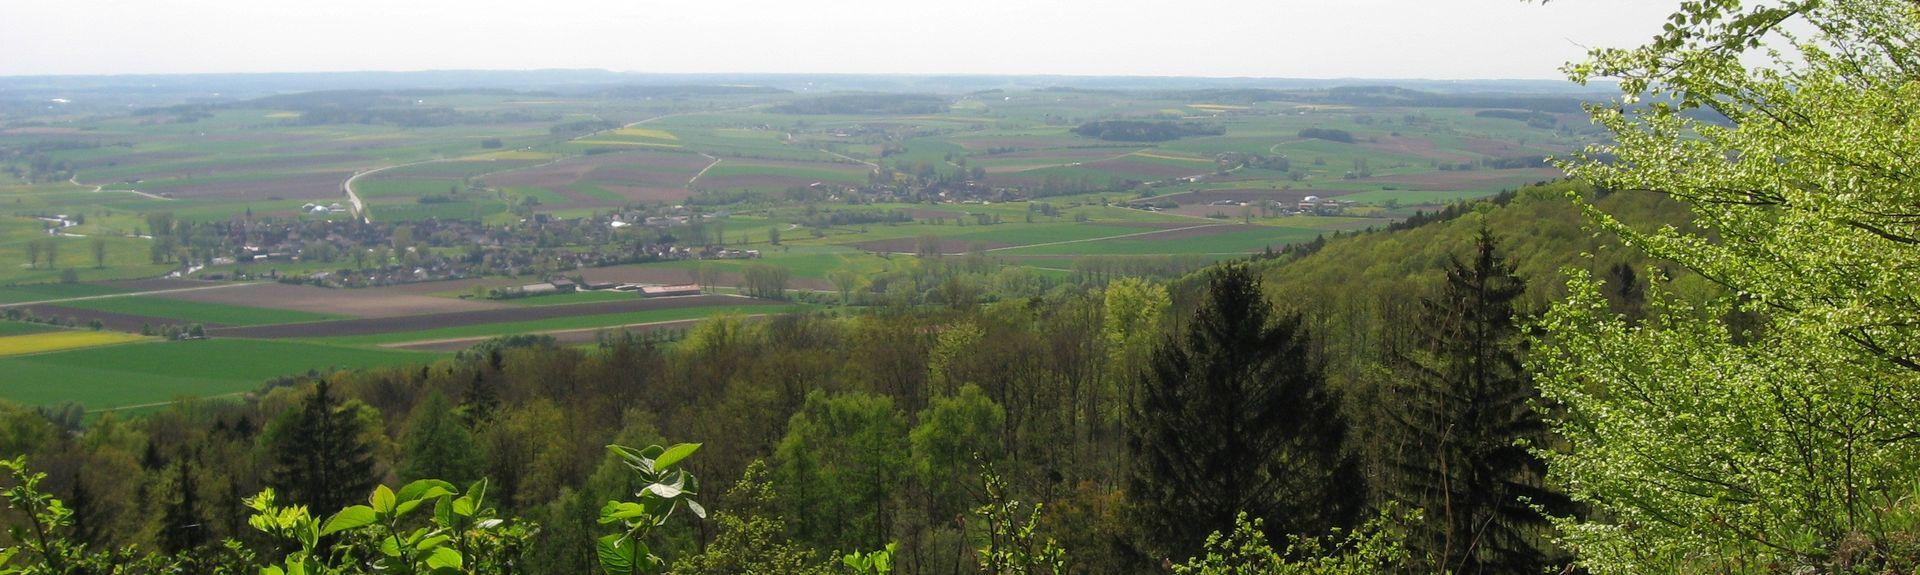 Ellwangen, Baden-Württemberg, Germania